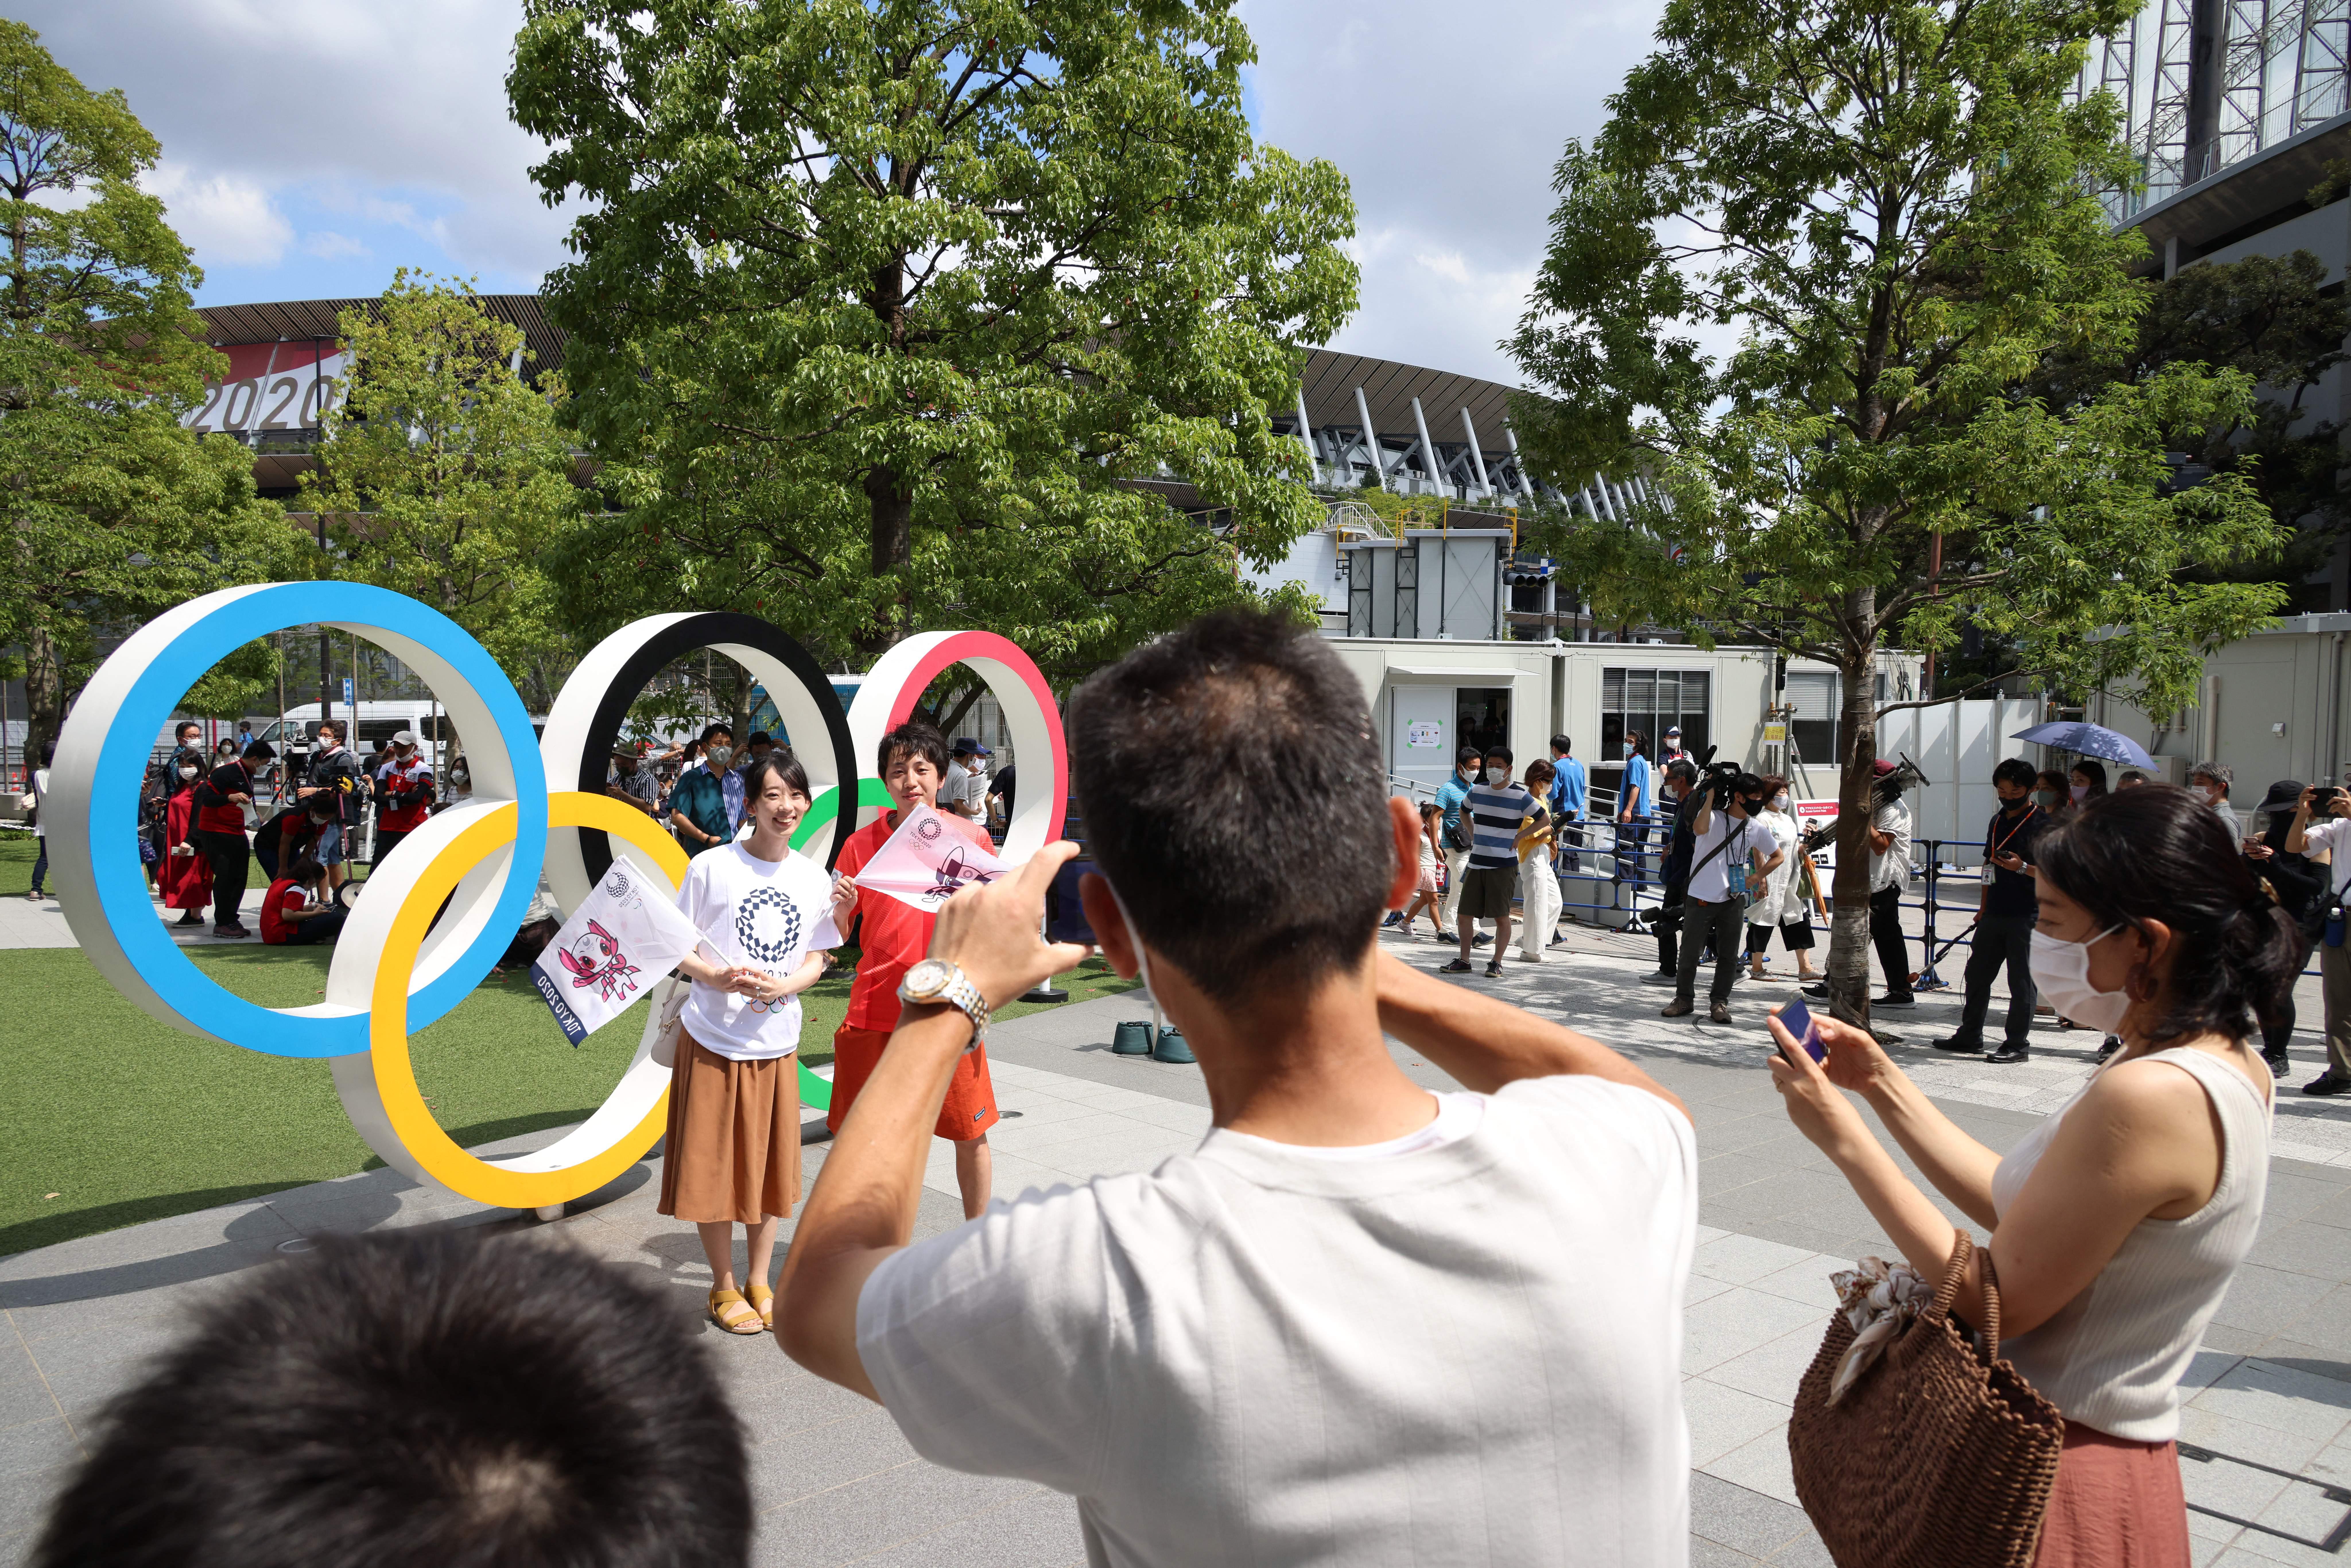 Tizenkilenc új koronavírusos eset a tokiói olimpián